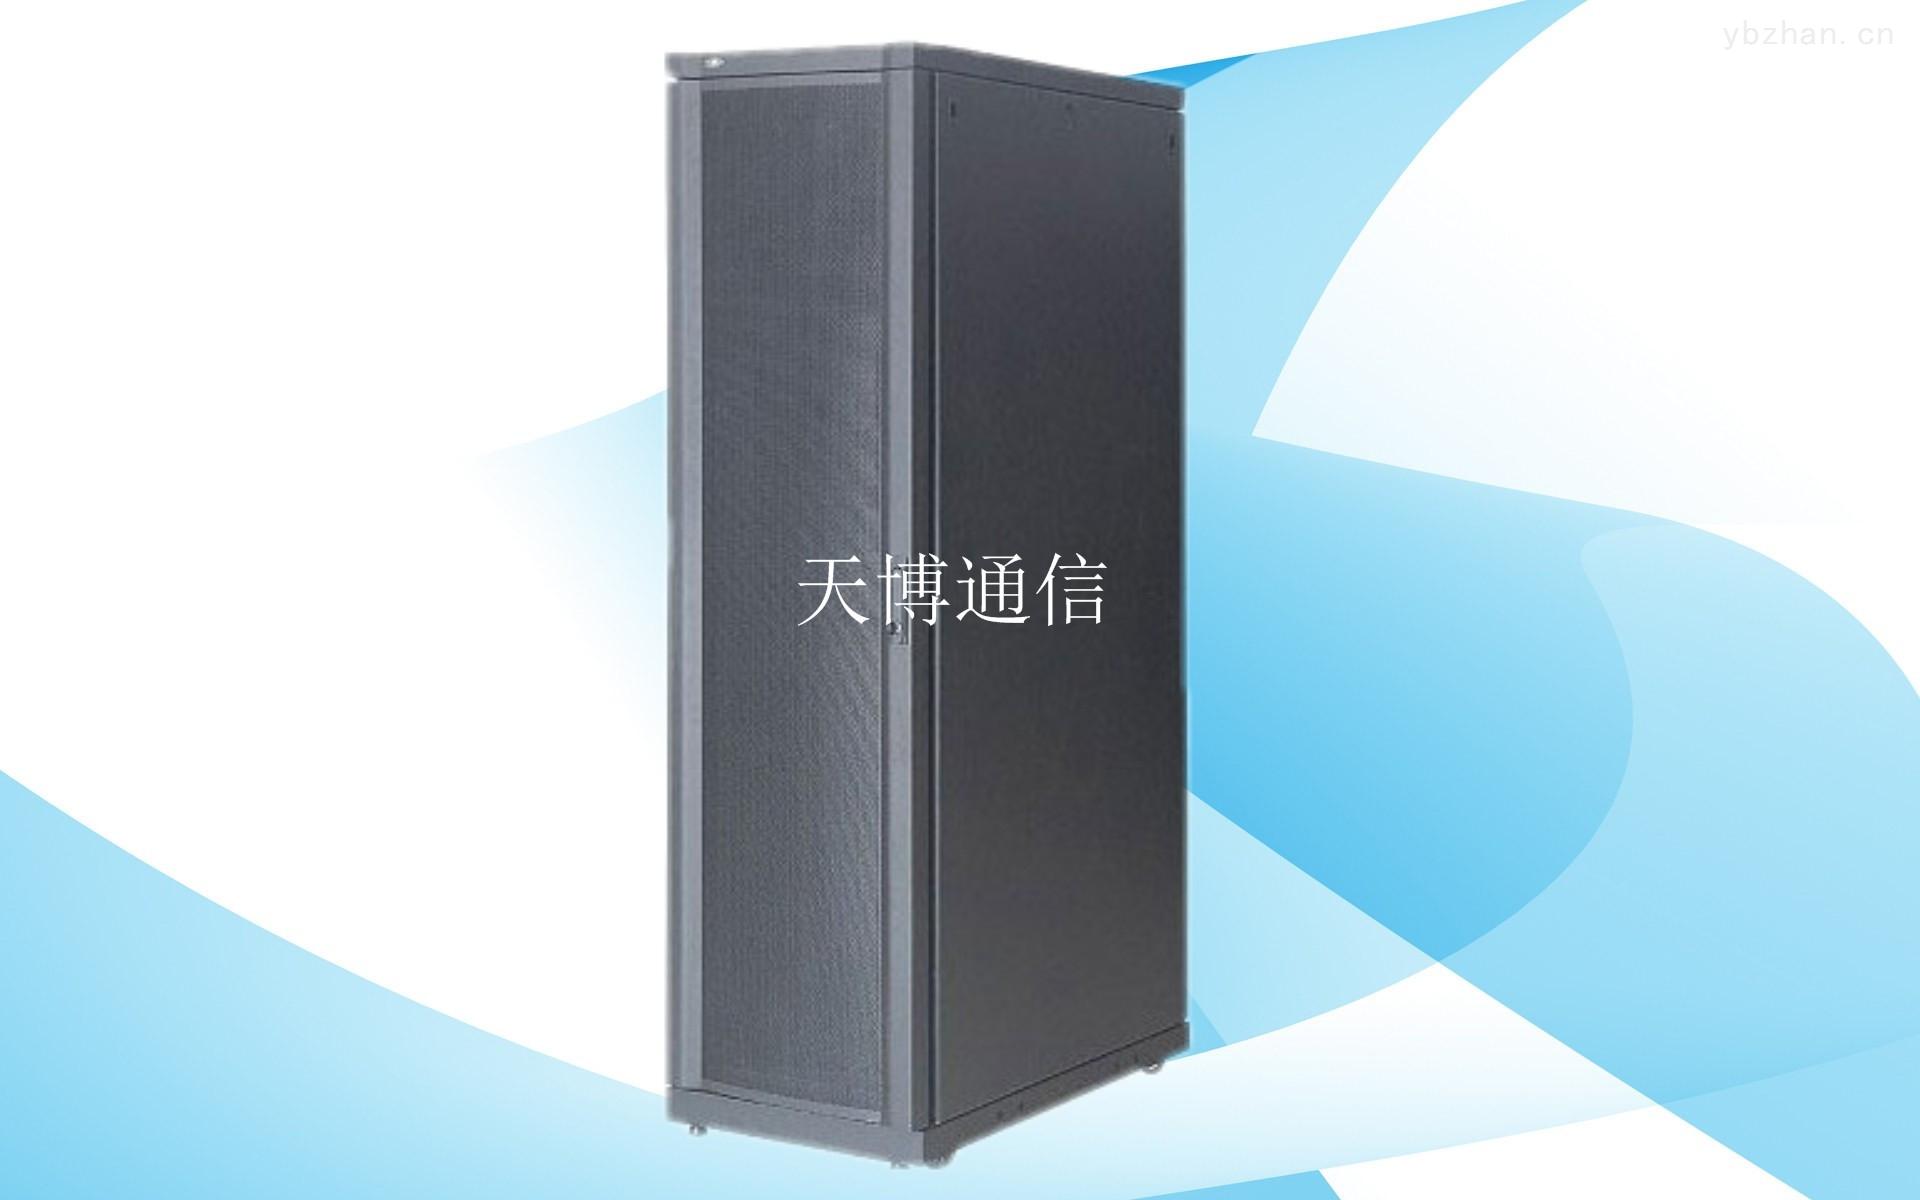 新款研发立式综合配线柜设计